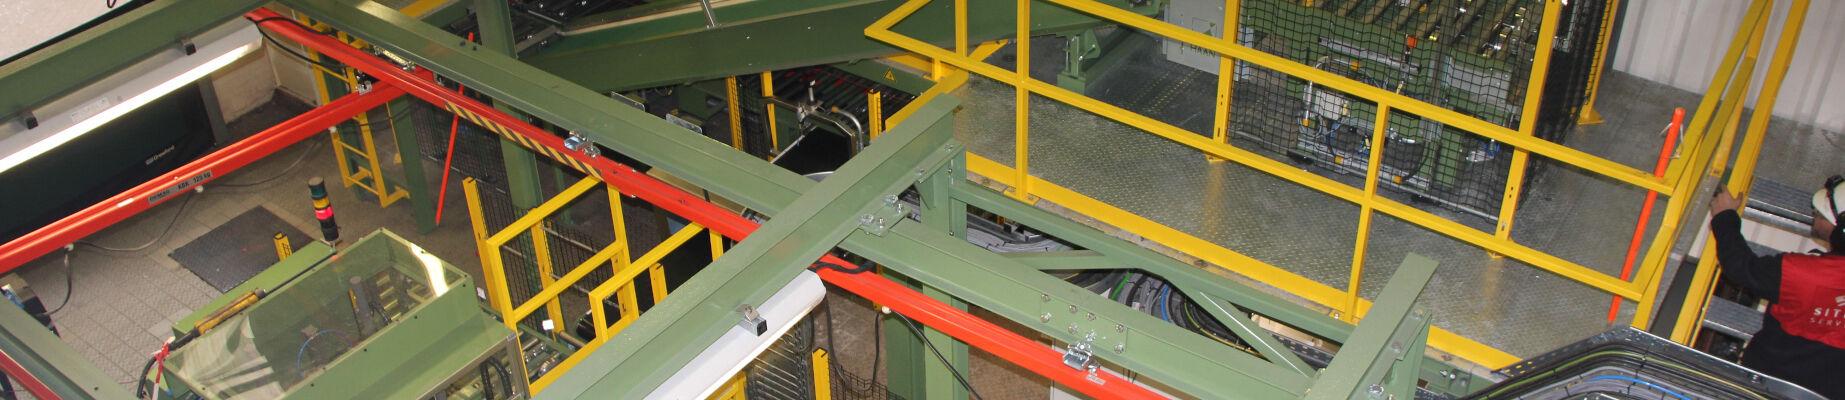 Material handling systemen